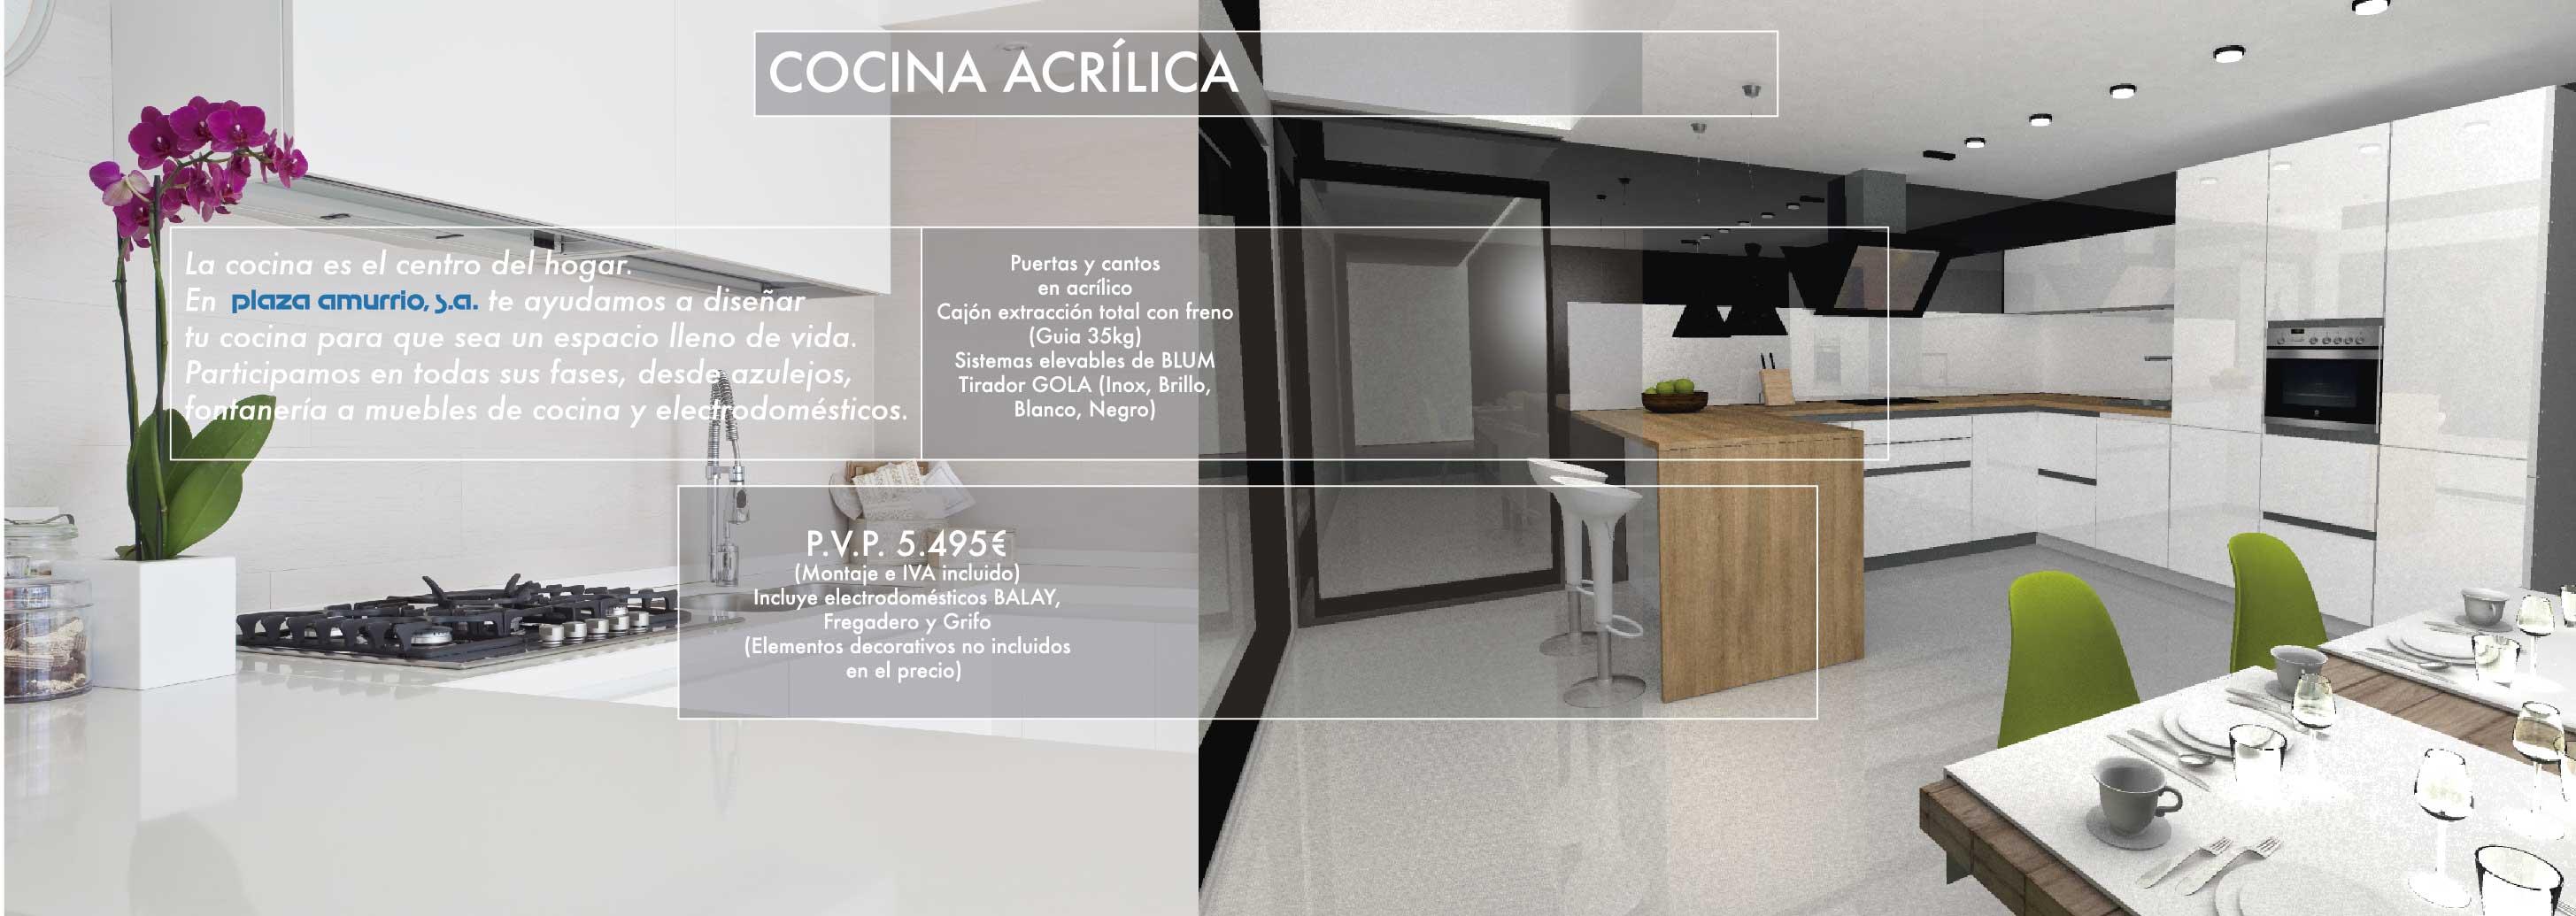 Catalogo cocina y menaje plaza amurrio zhura design for Menaje de cocina industrial